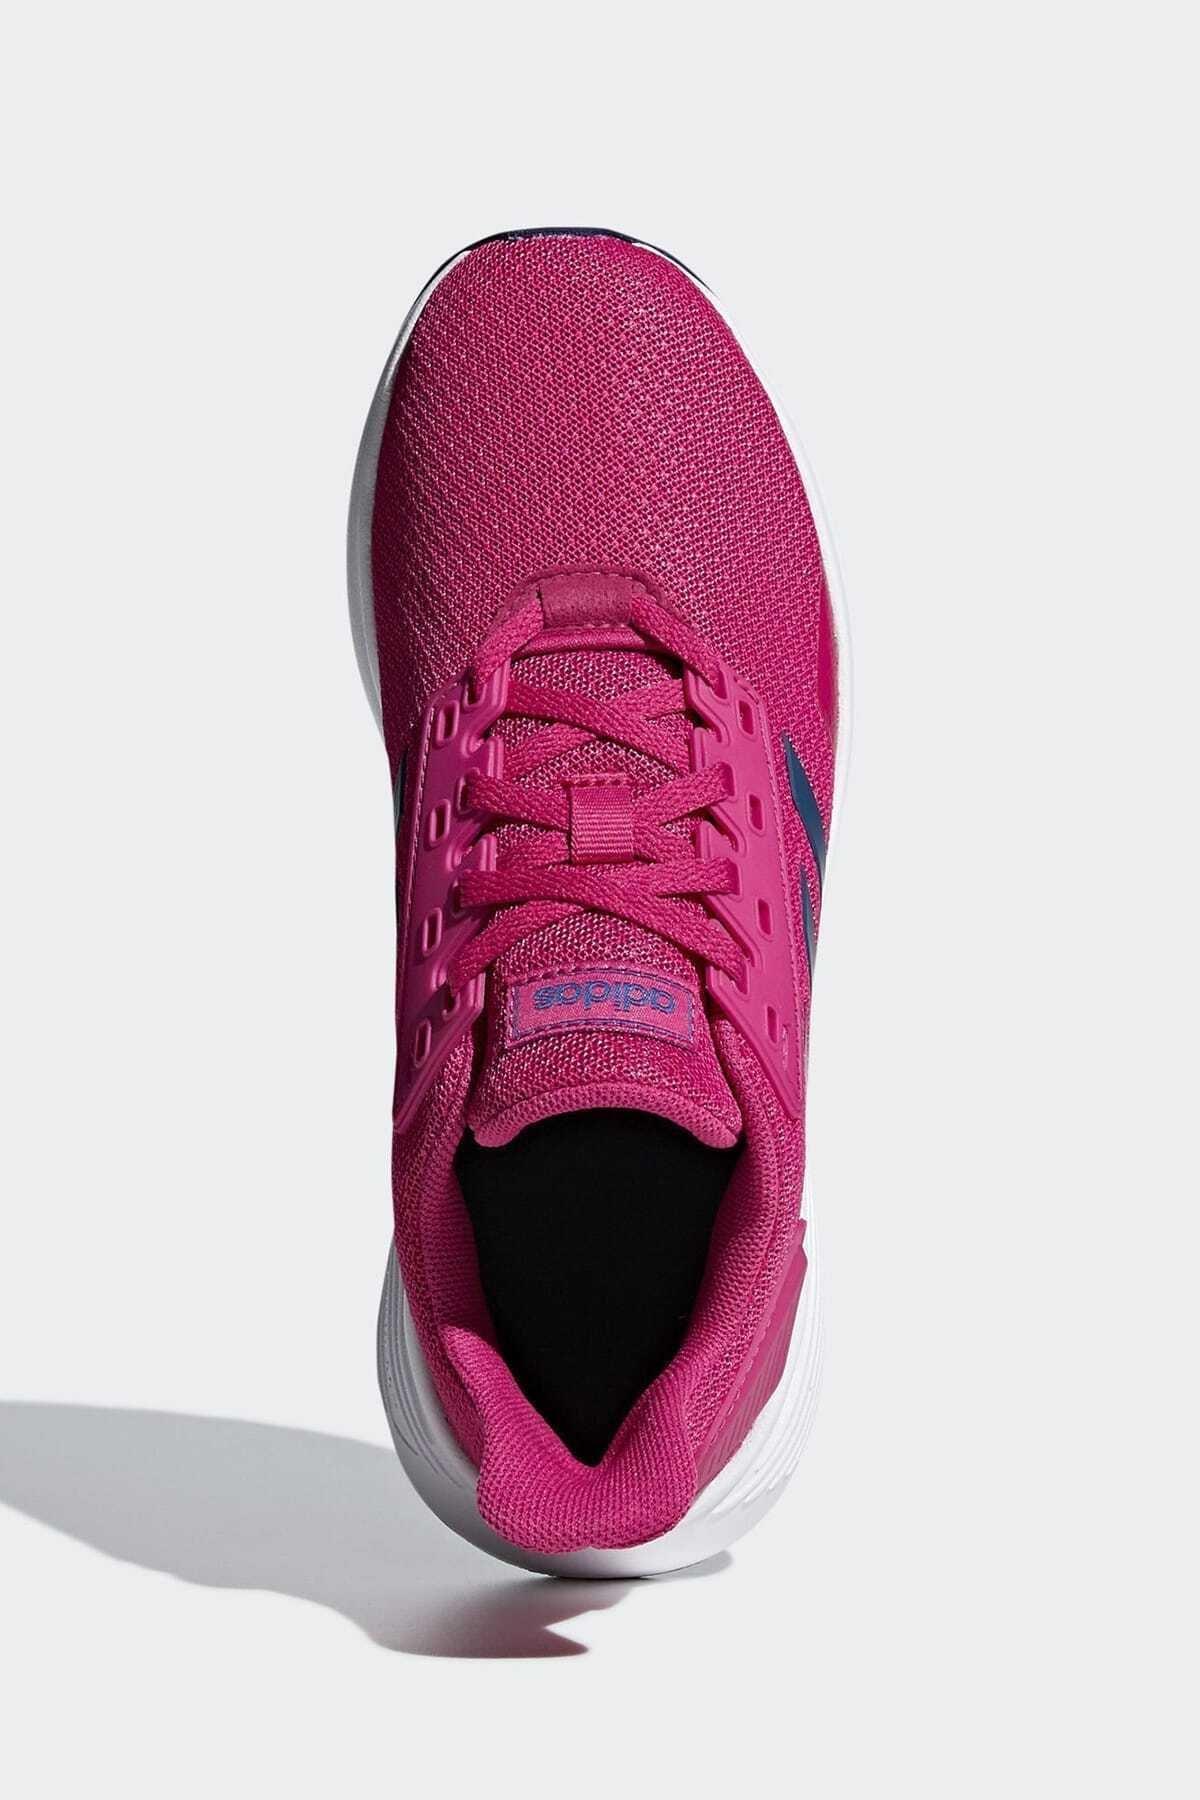 adidas DURAMO 9 Pembe Kadın Koşu Ayakkabısı 100409040 2